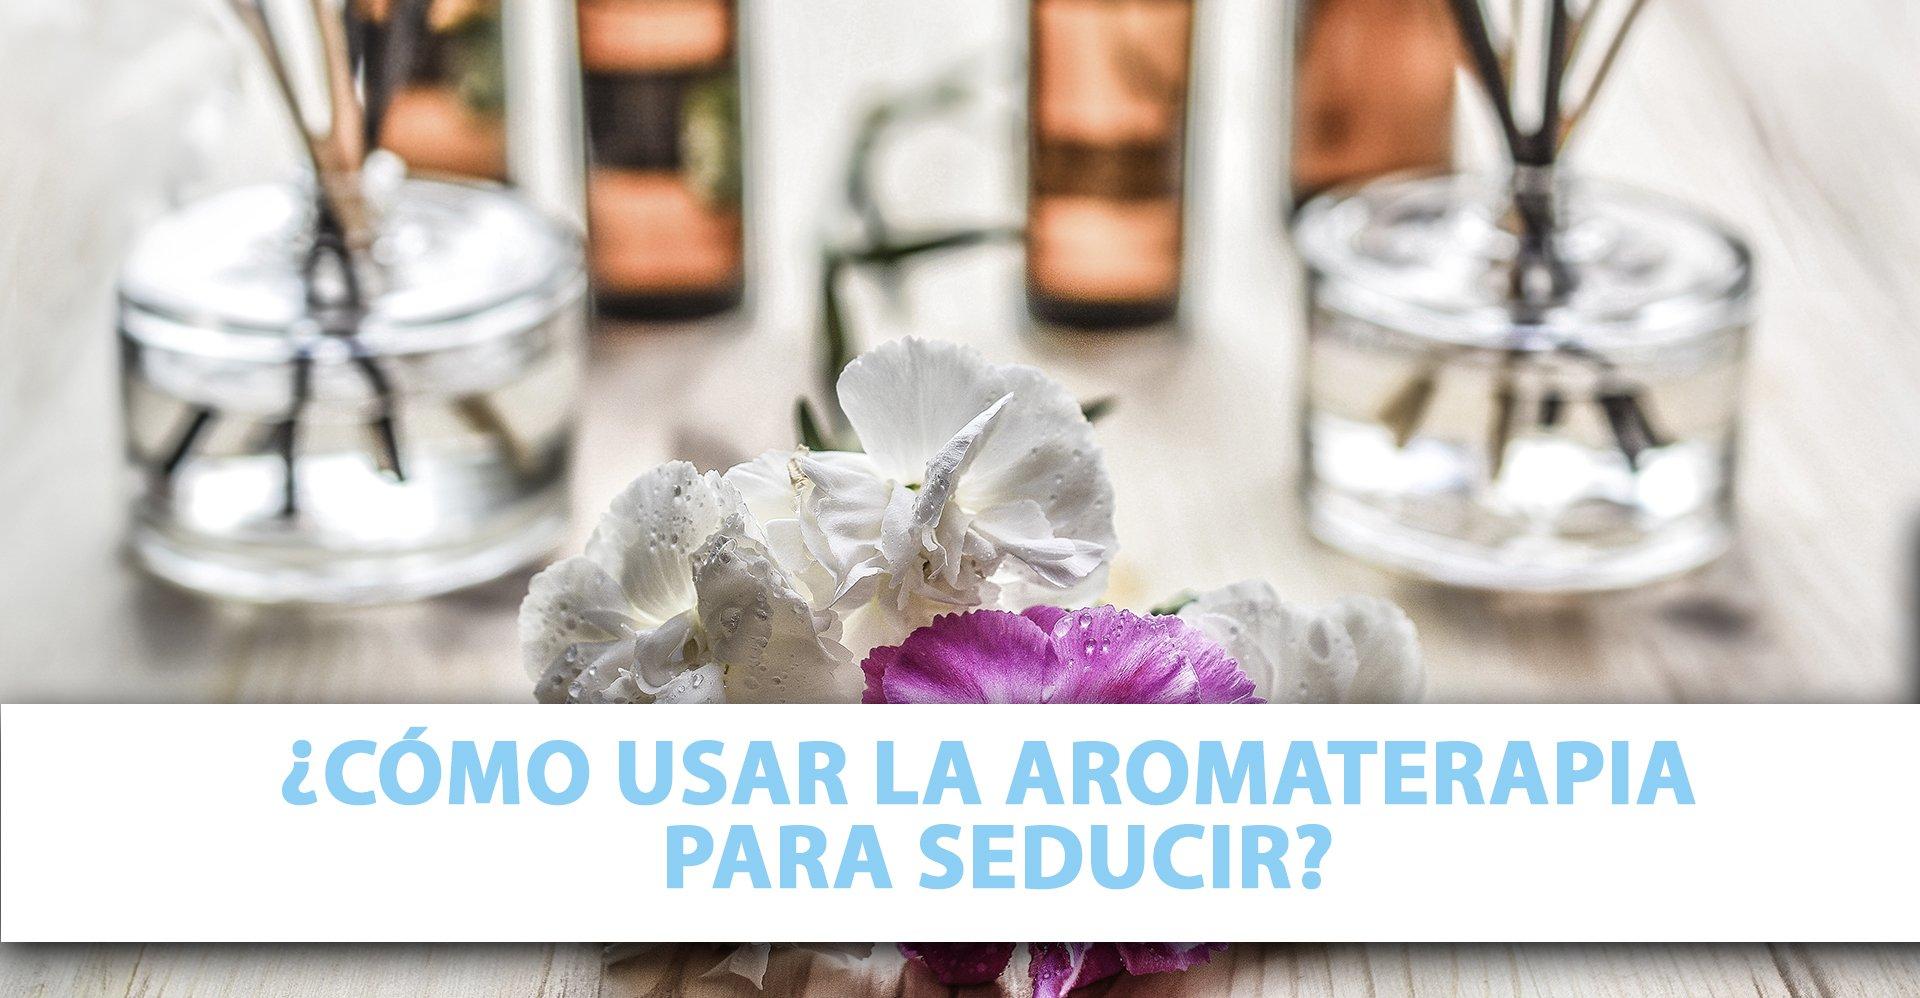 Las claves para seducir con la aromaterapia